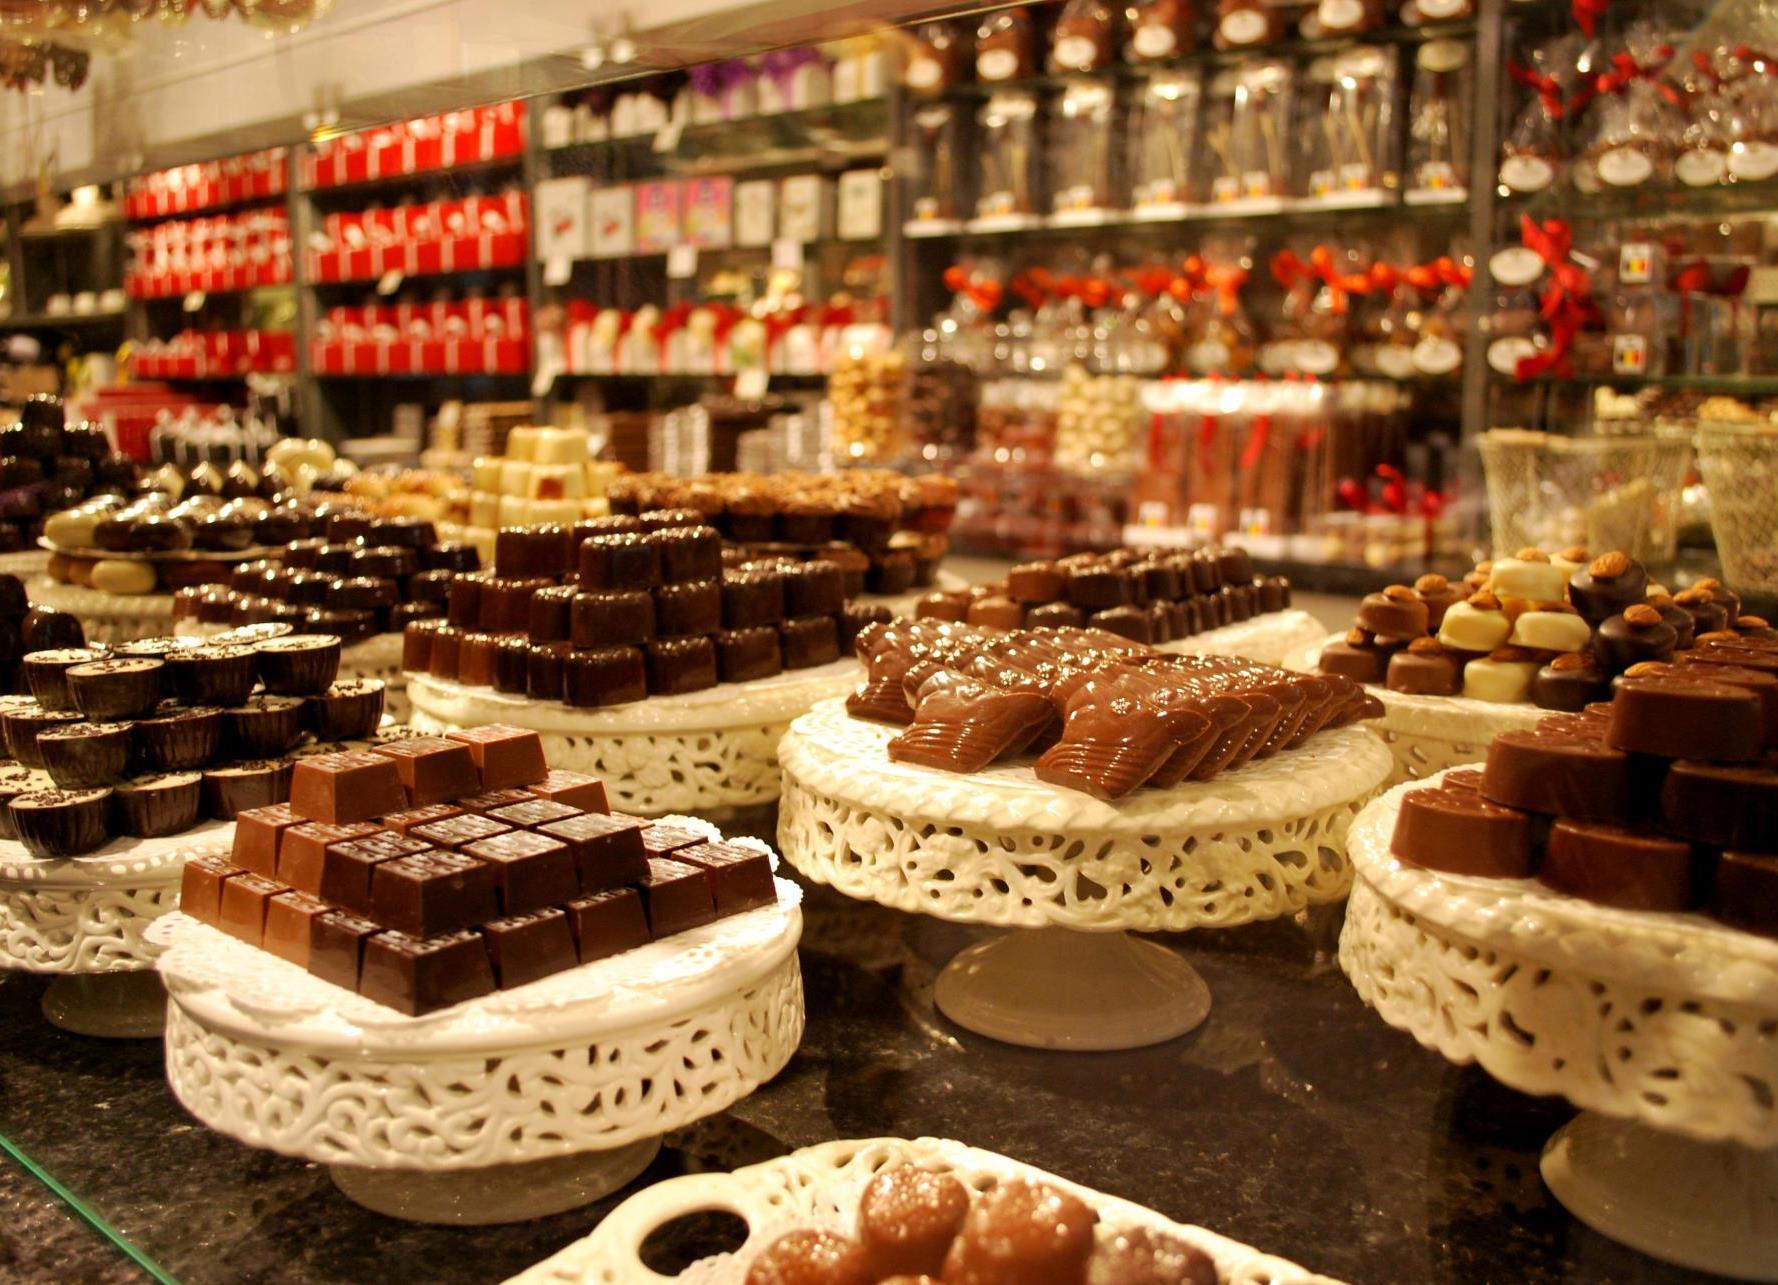 Шоколад - популярный сувенир из Гента